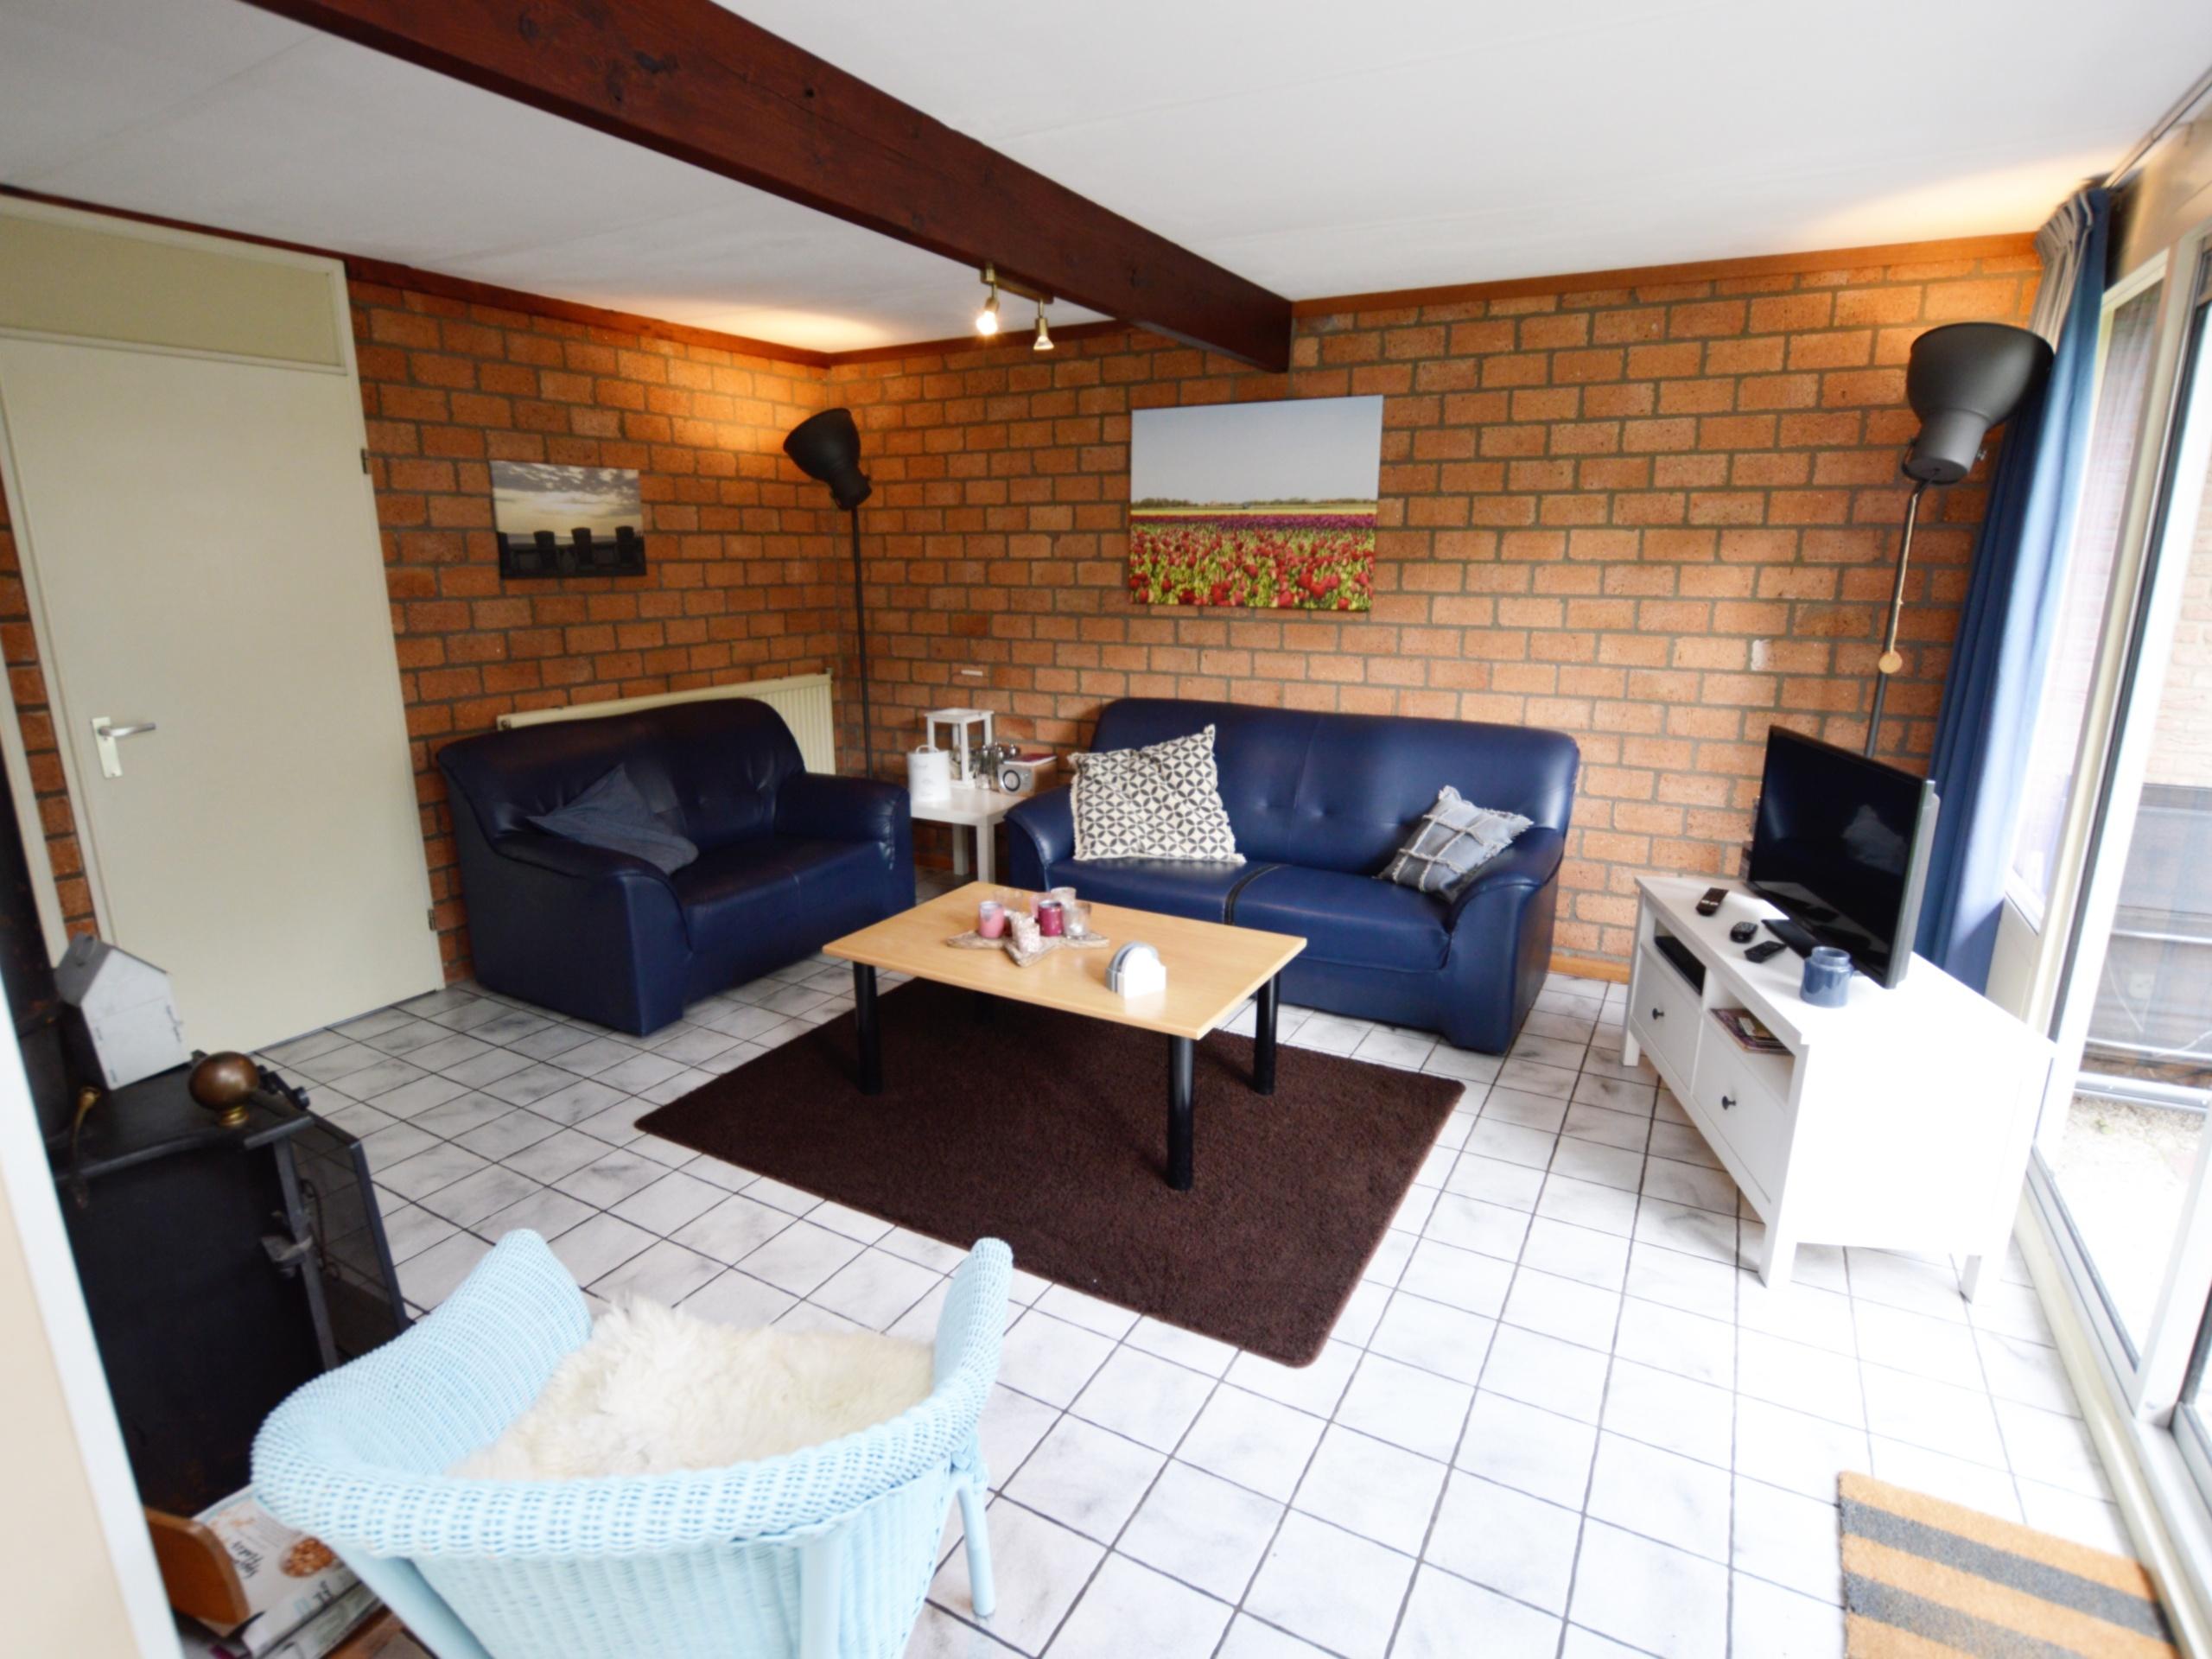 Rustig gelegen vakantiehuis met veel ruimte om het huis, gunstige ligging direct bij het bos nabij De Koog.